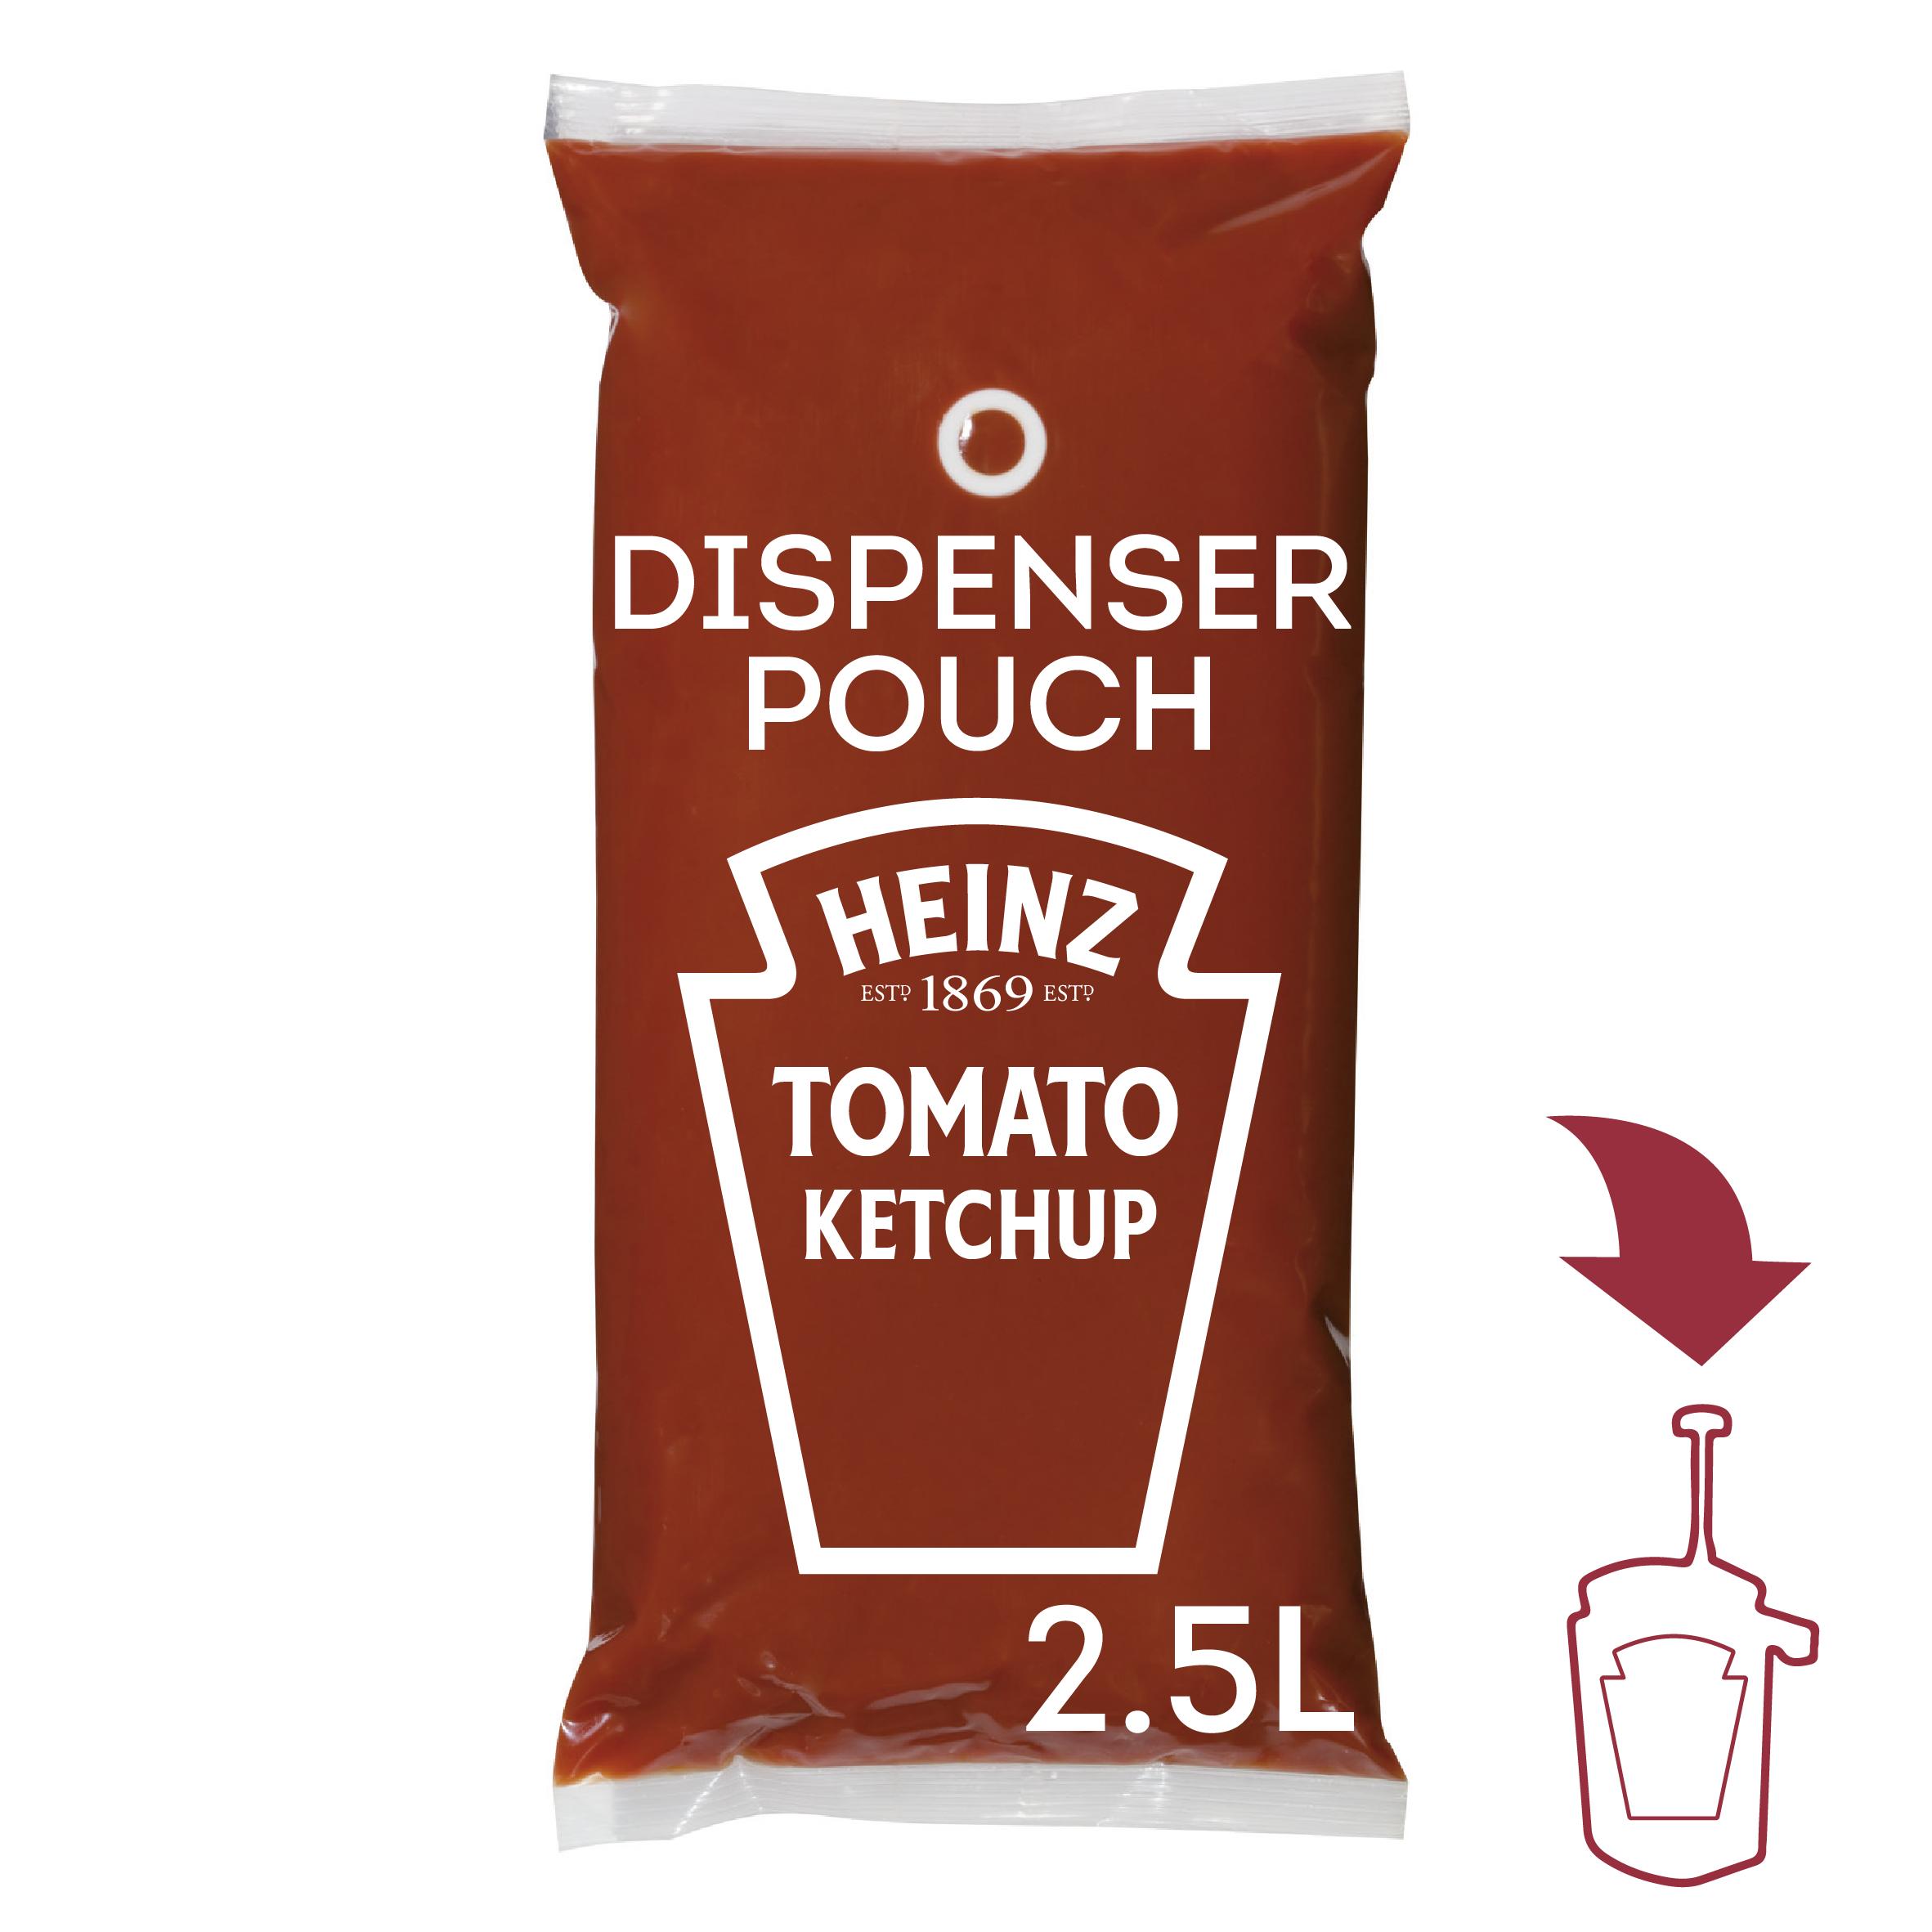 Ketchup Heinz 2.5L dyspenser image